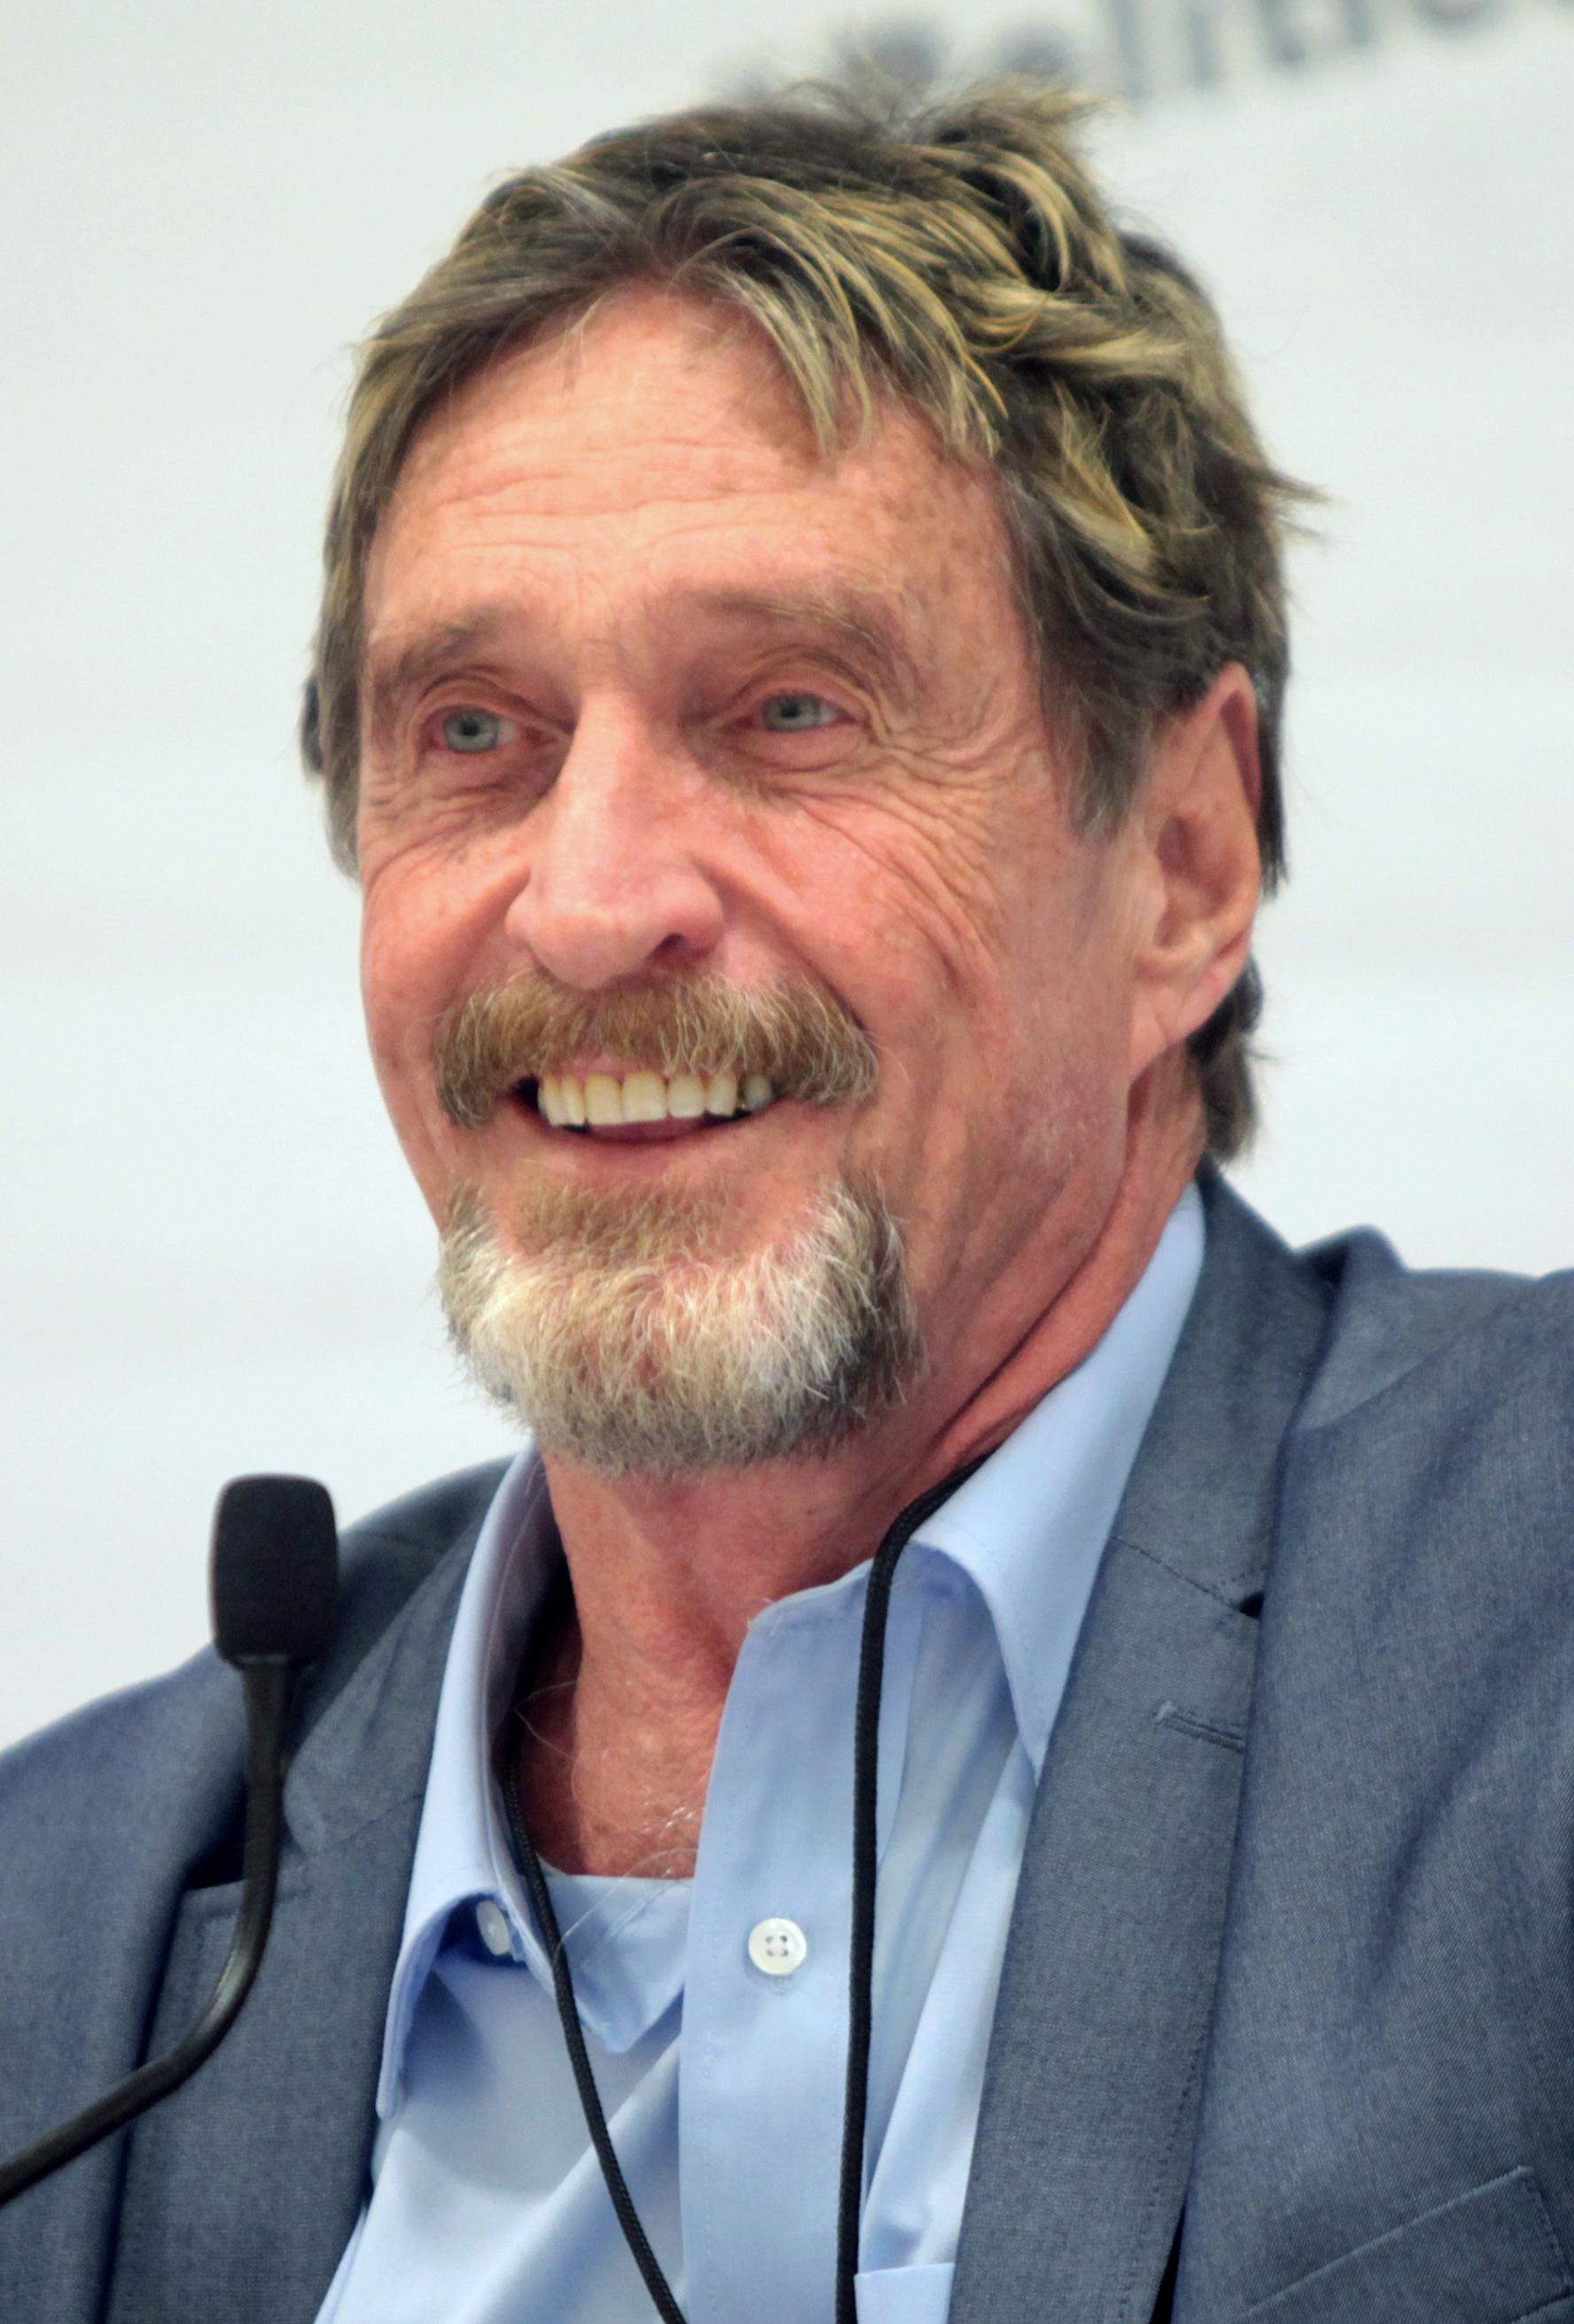 John McAfee – Wikipedia